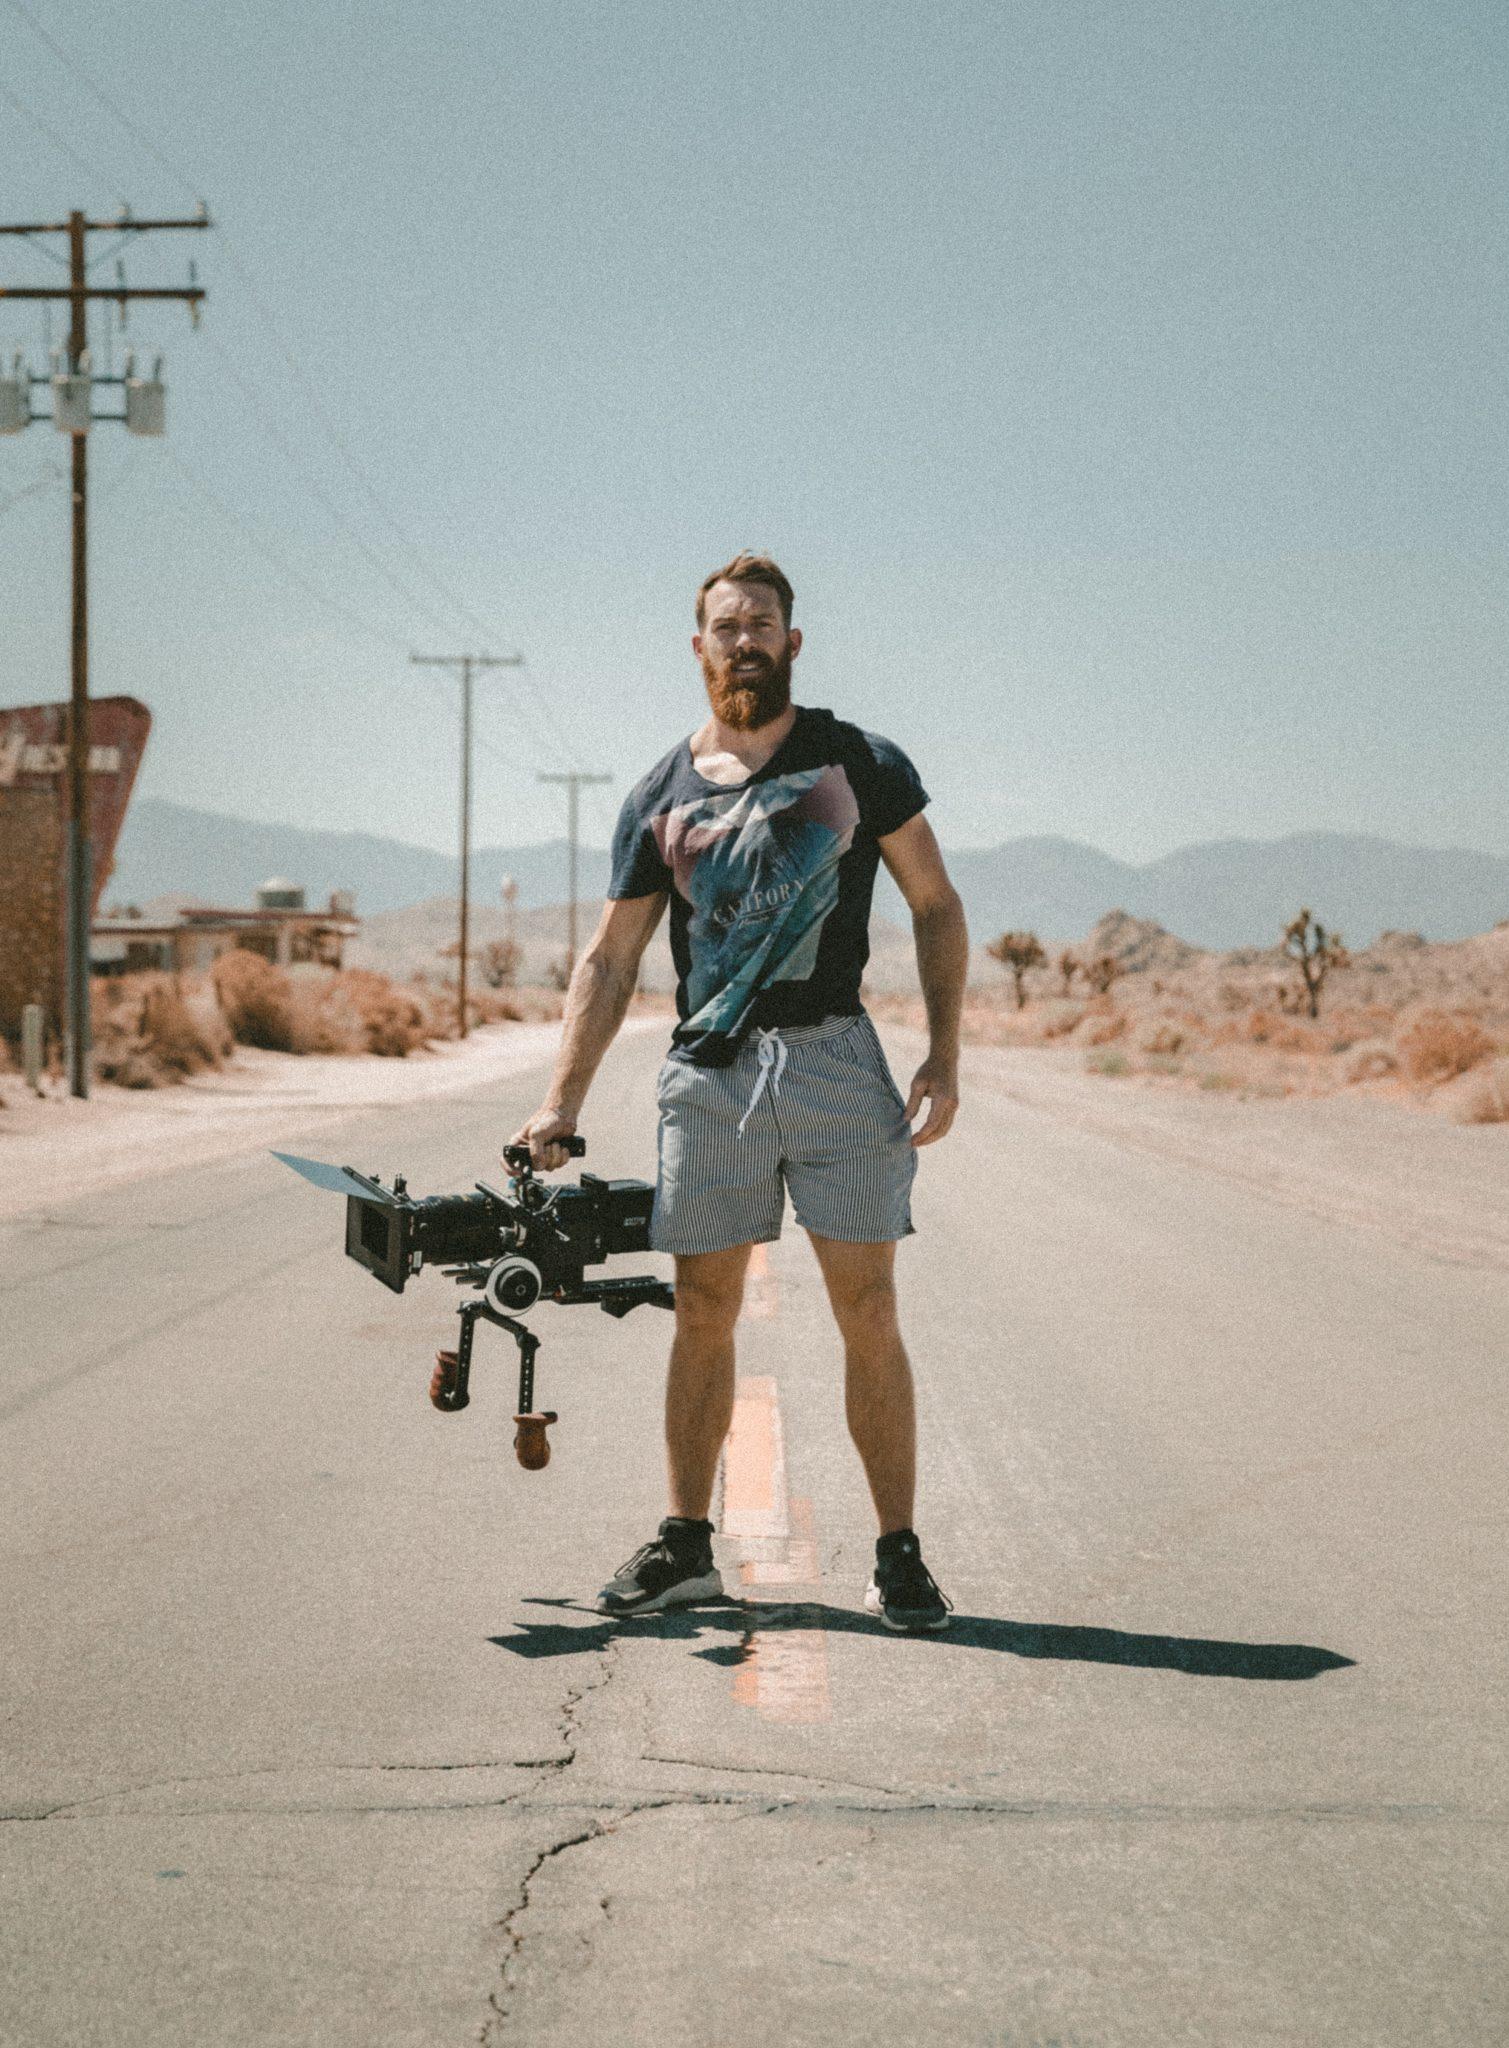 @jakobowens | Artist Insight | Filmmaker Jakob Owens